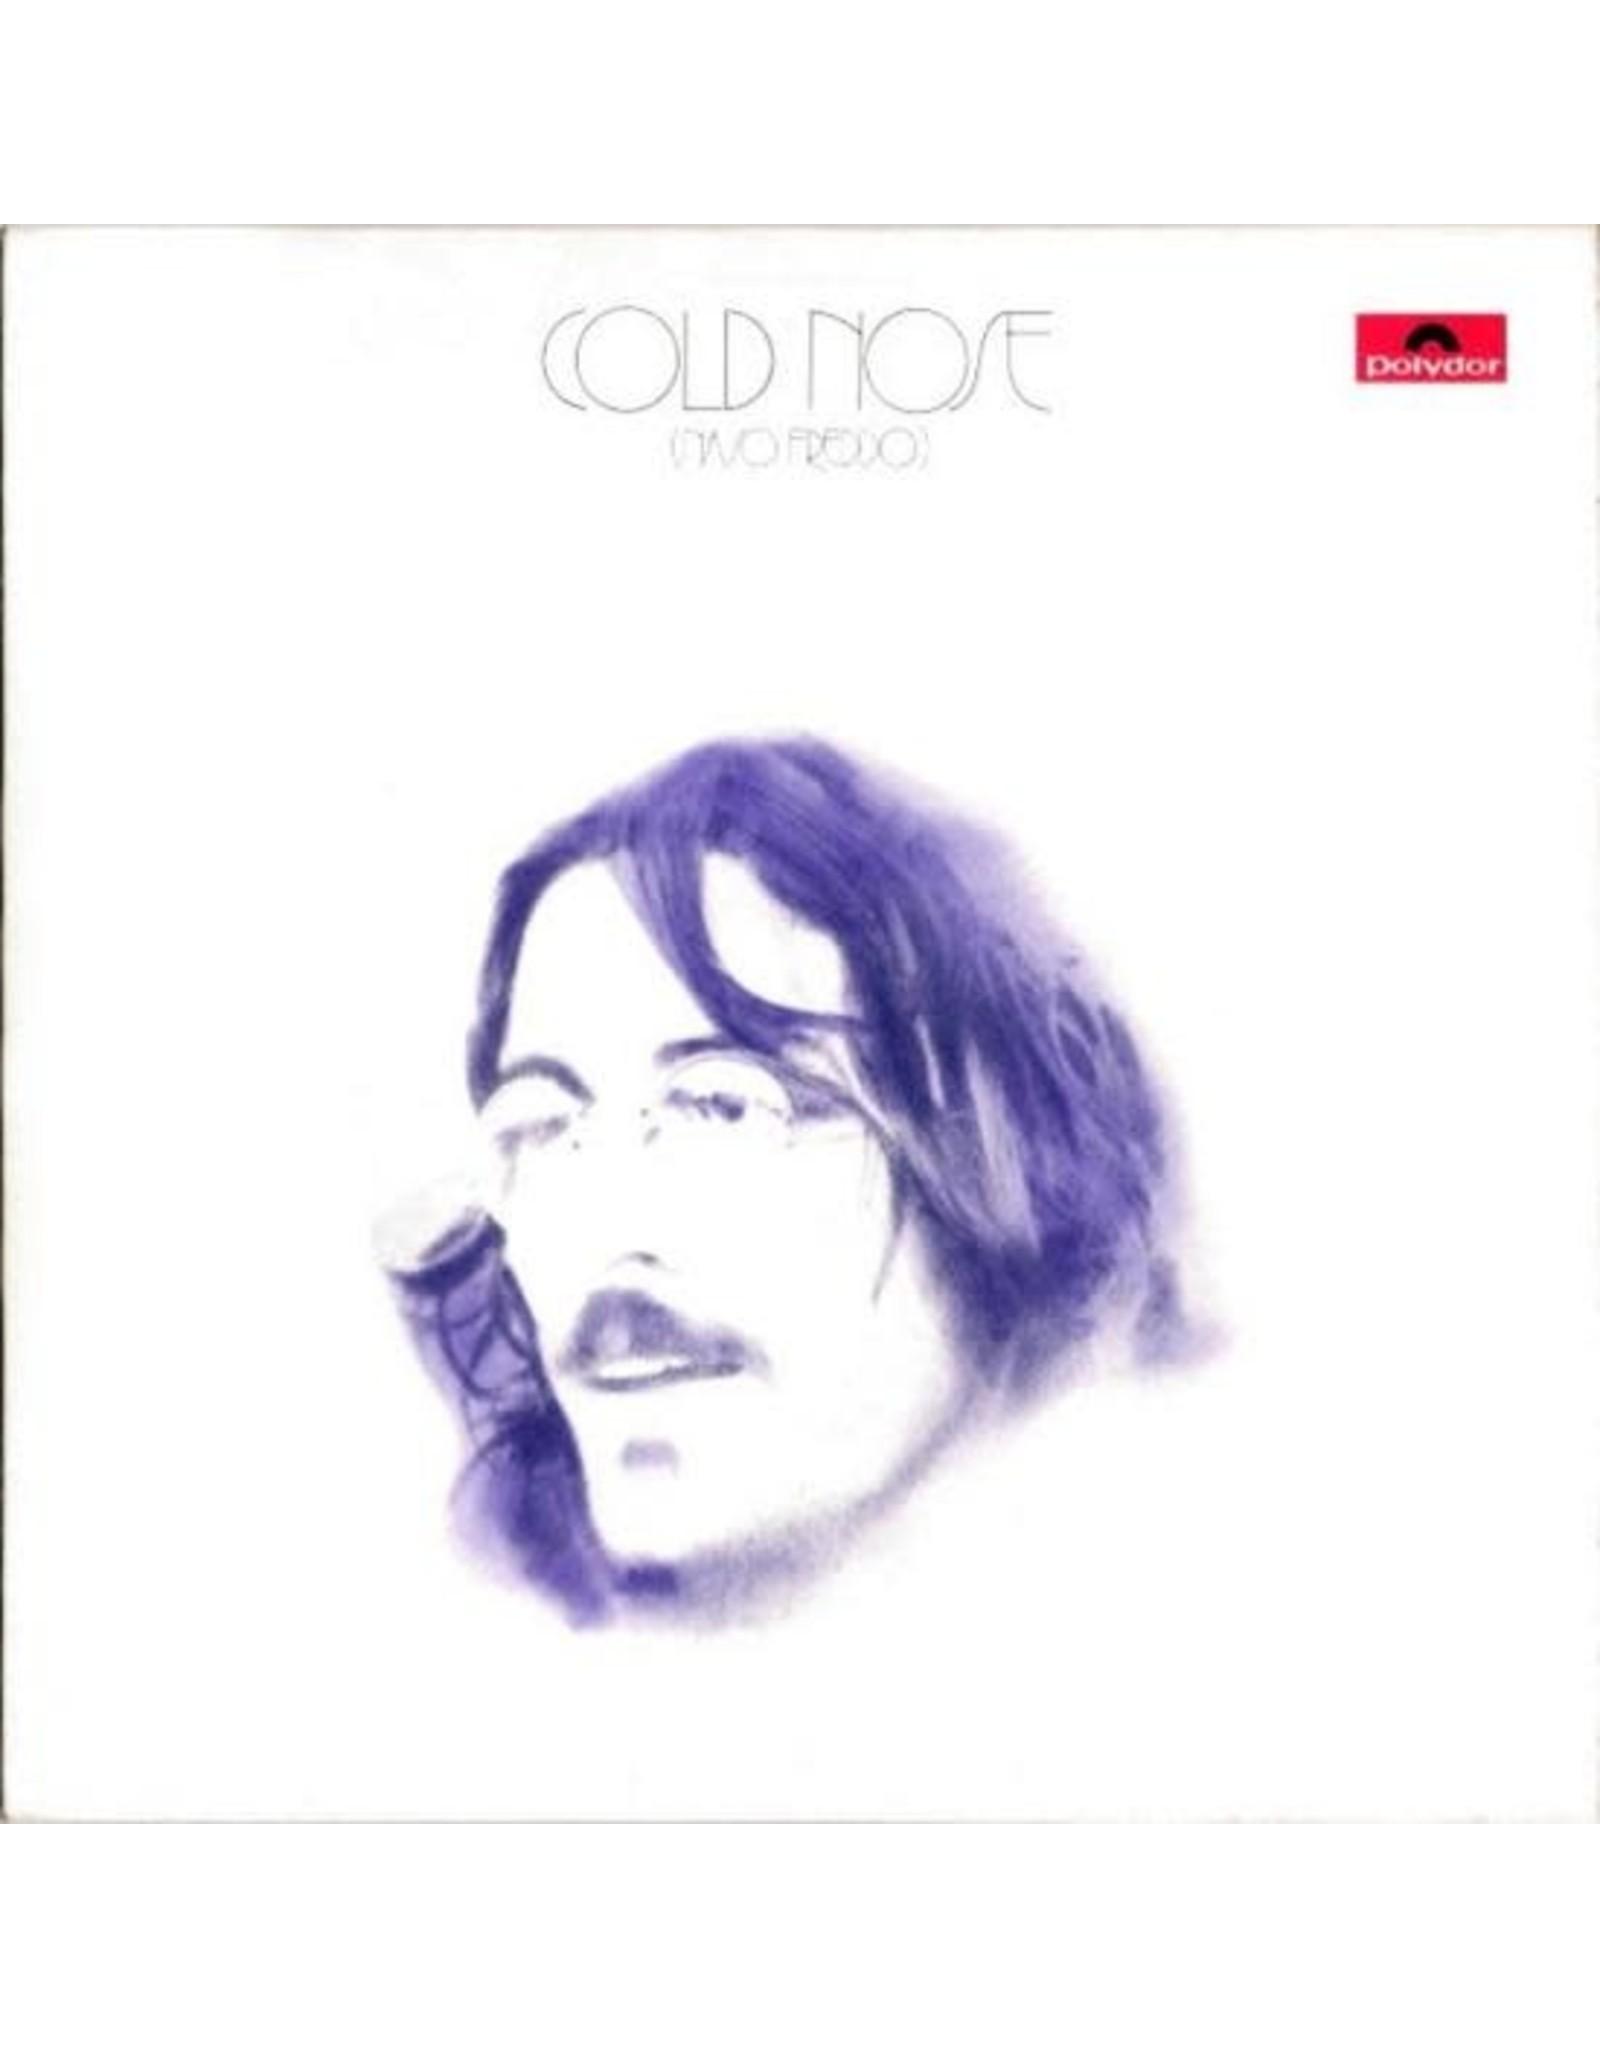 Vinyl Magic Falsini, Franco: Cold Nose LP